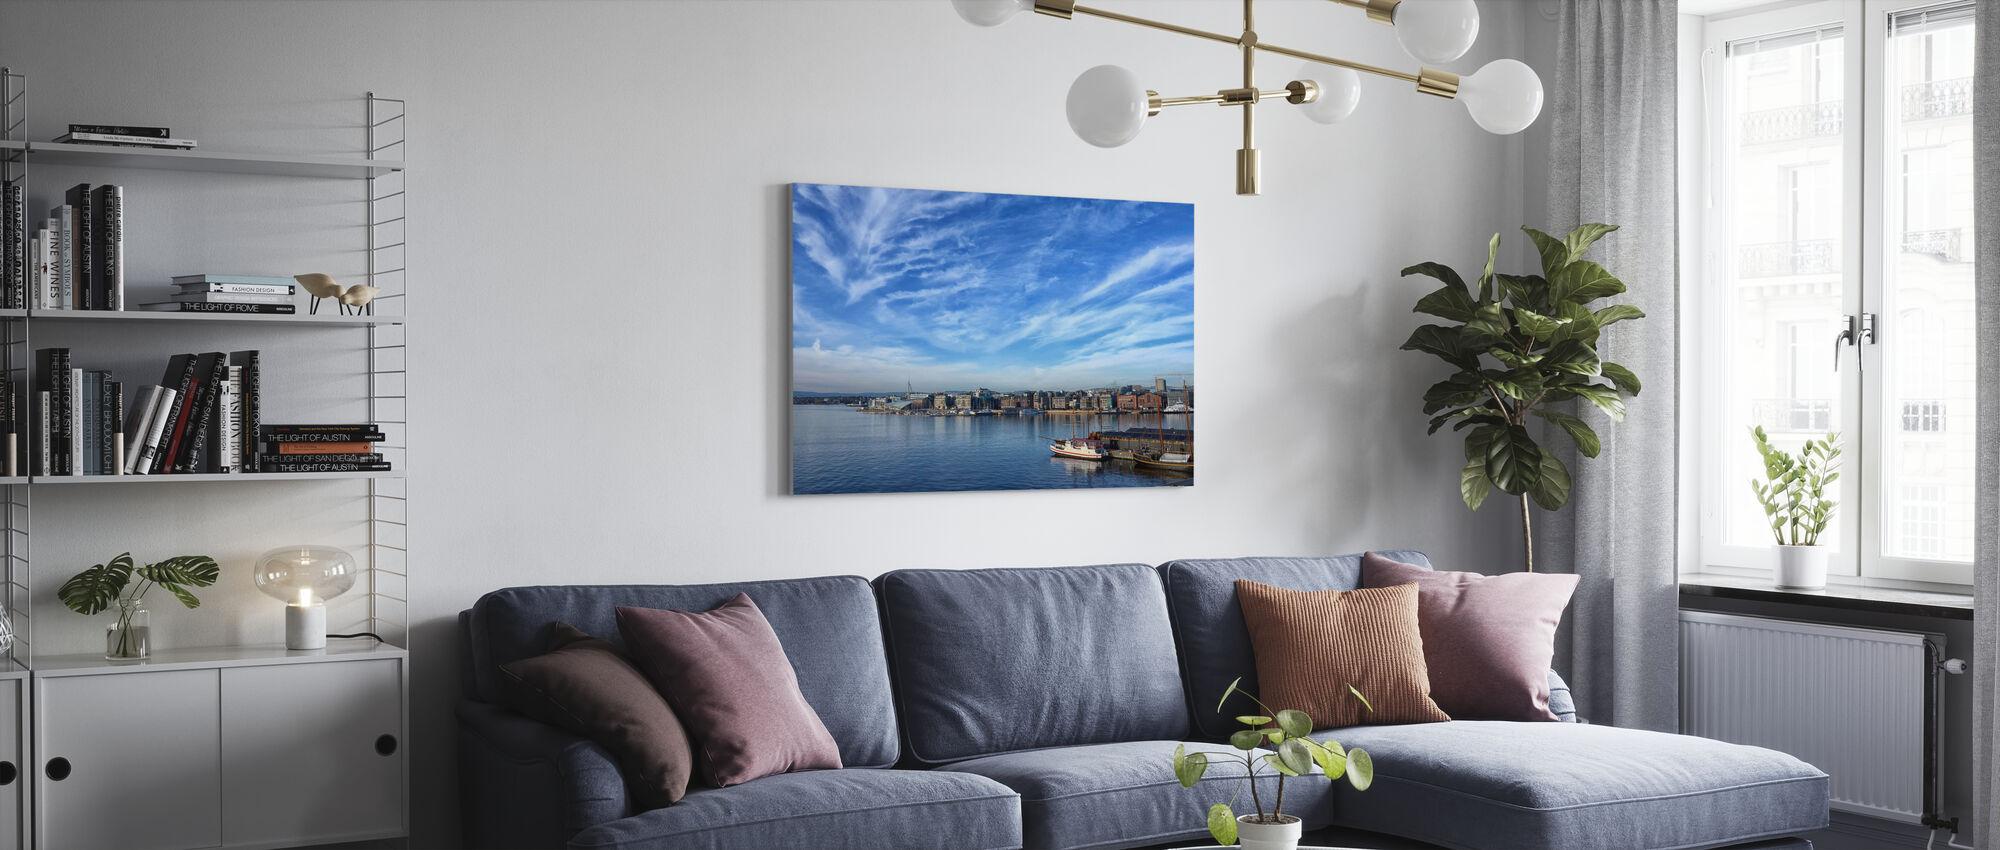 Oslo Harbor, Norja - Canvastaulu - Olohuone